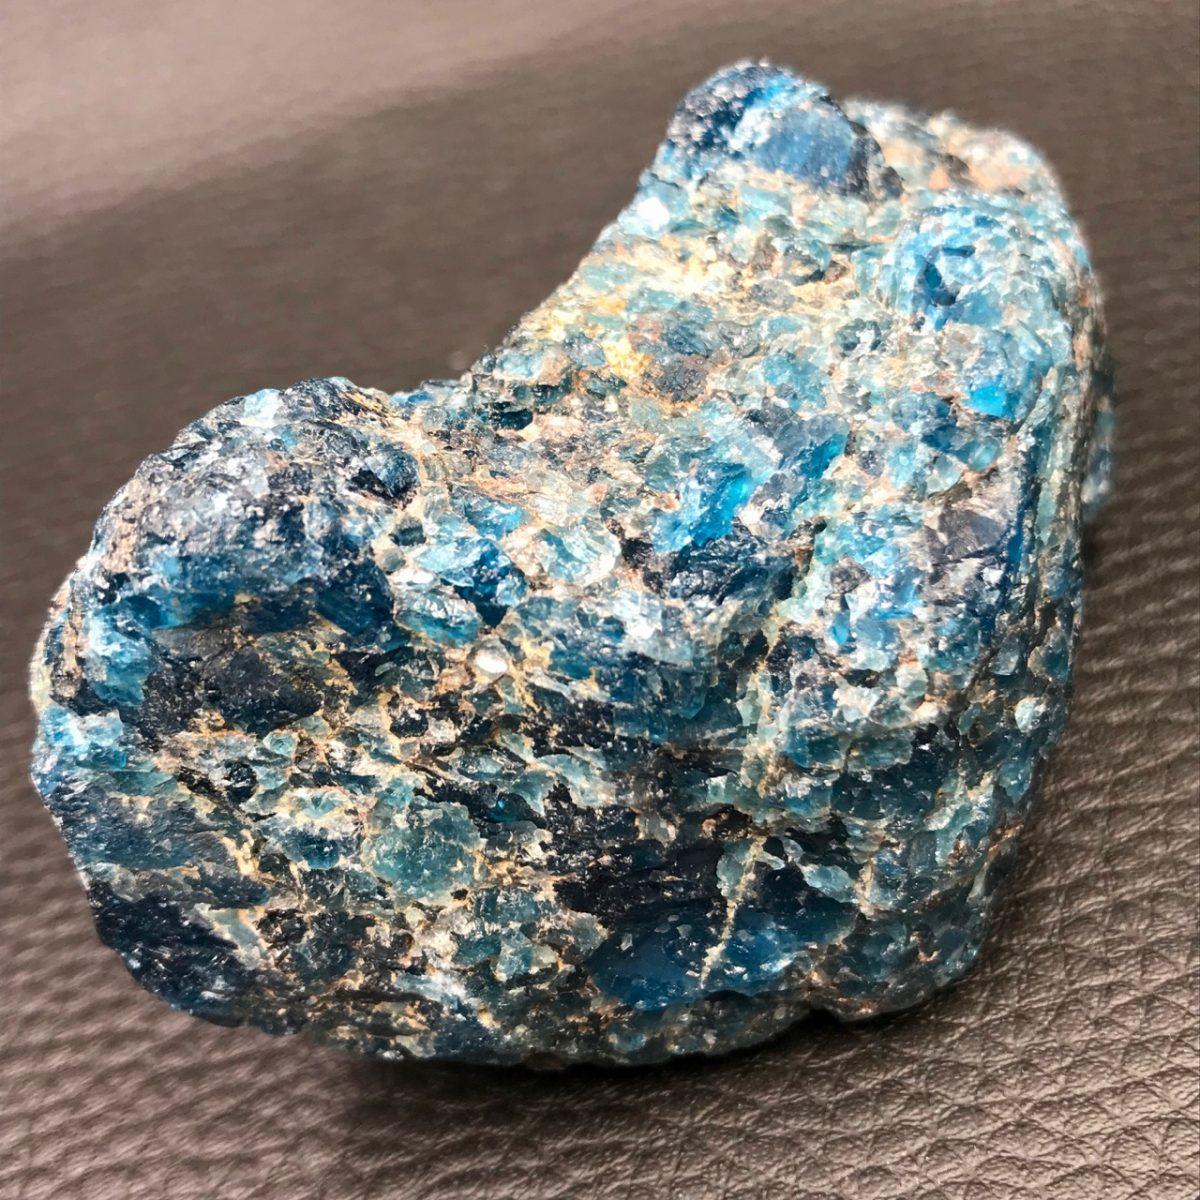 bloc-brute-apatite-bleue